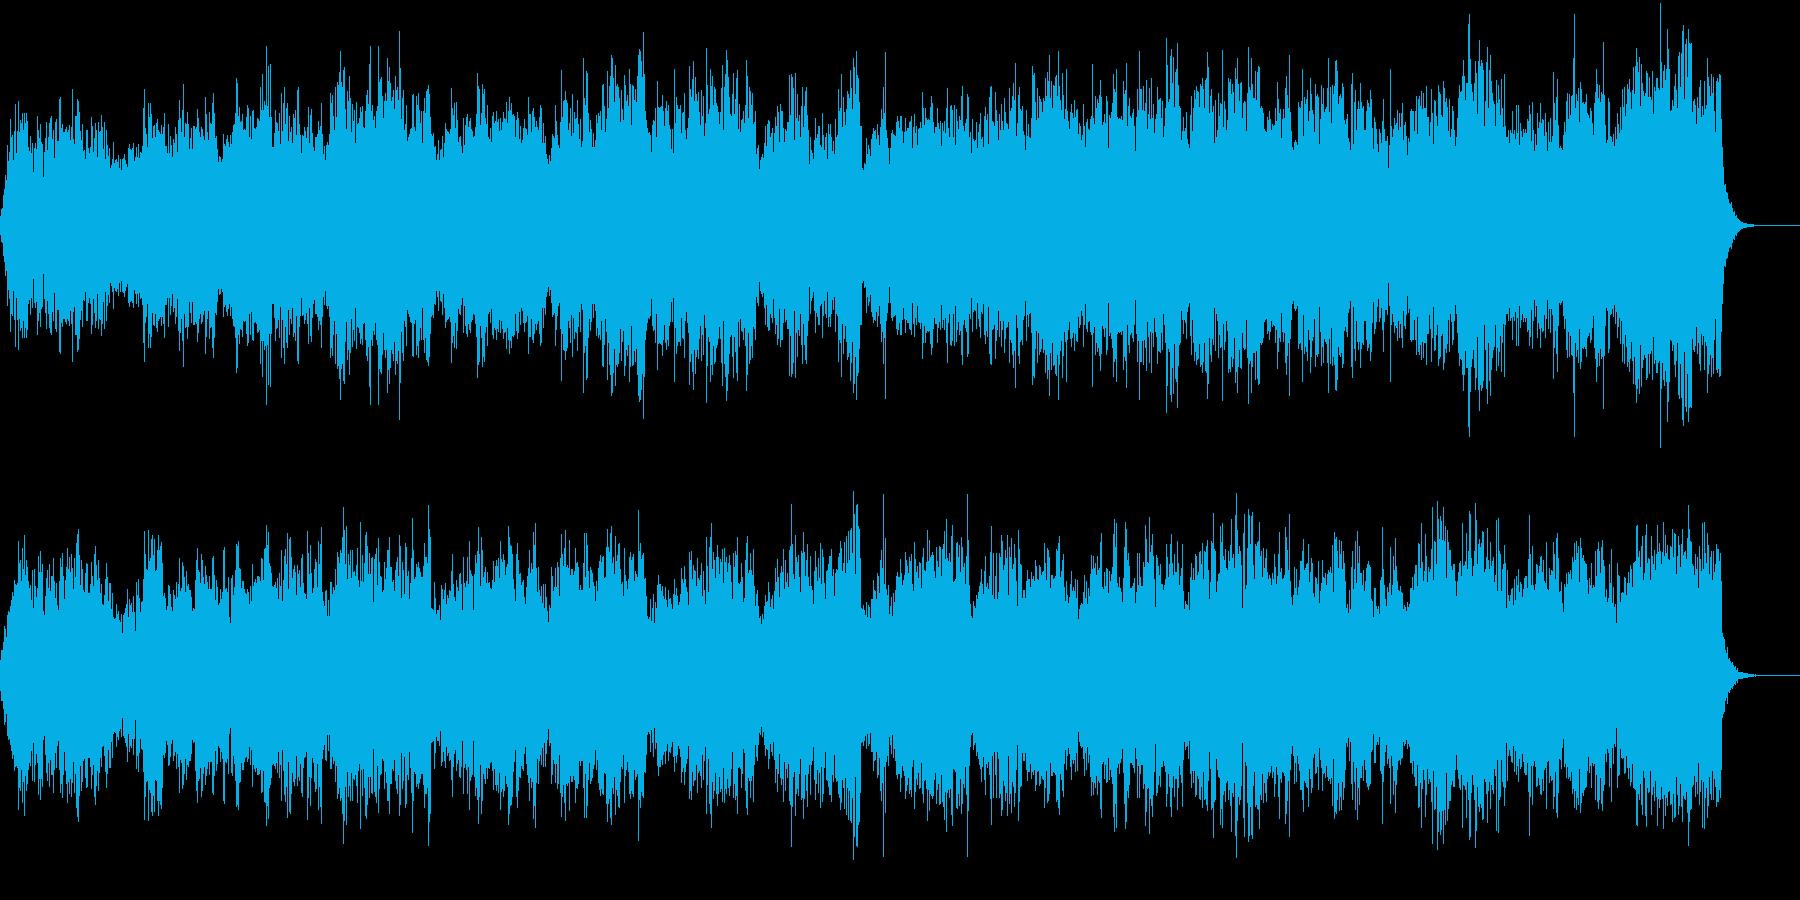 感動的で荘厳な雰囲気の合唱曲の再生済みの波形